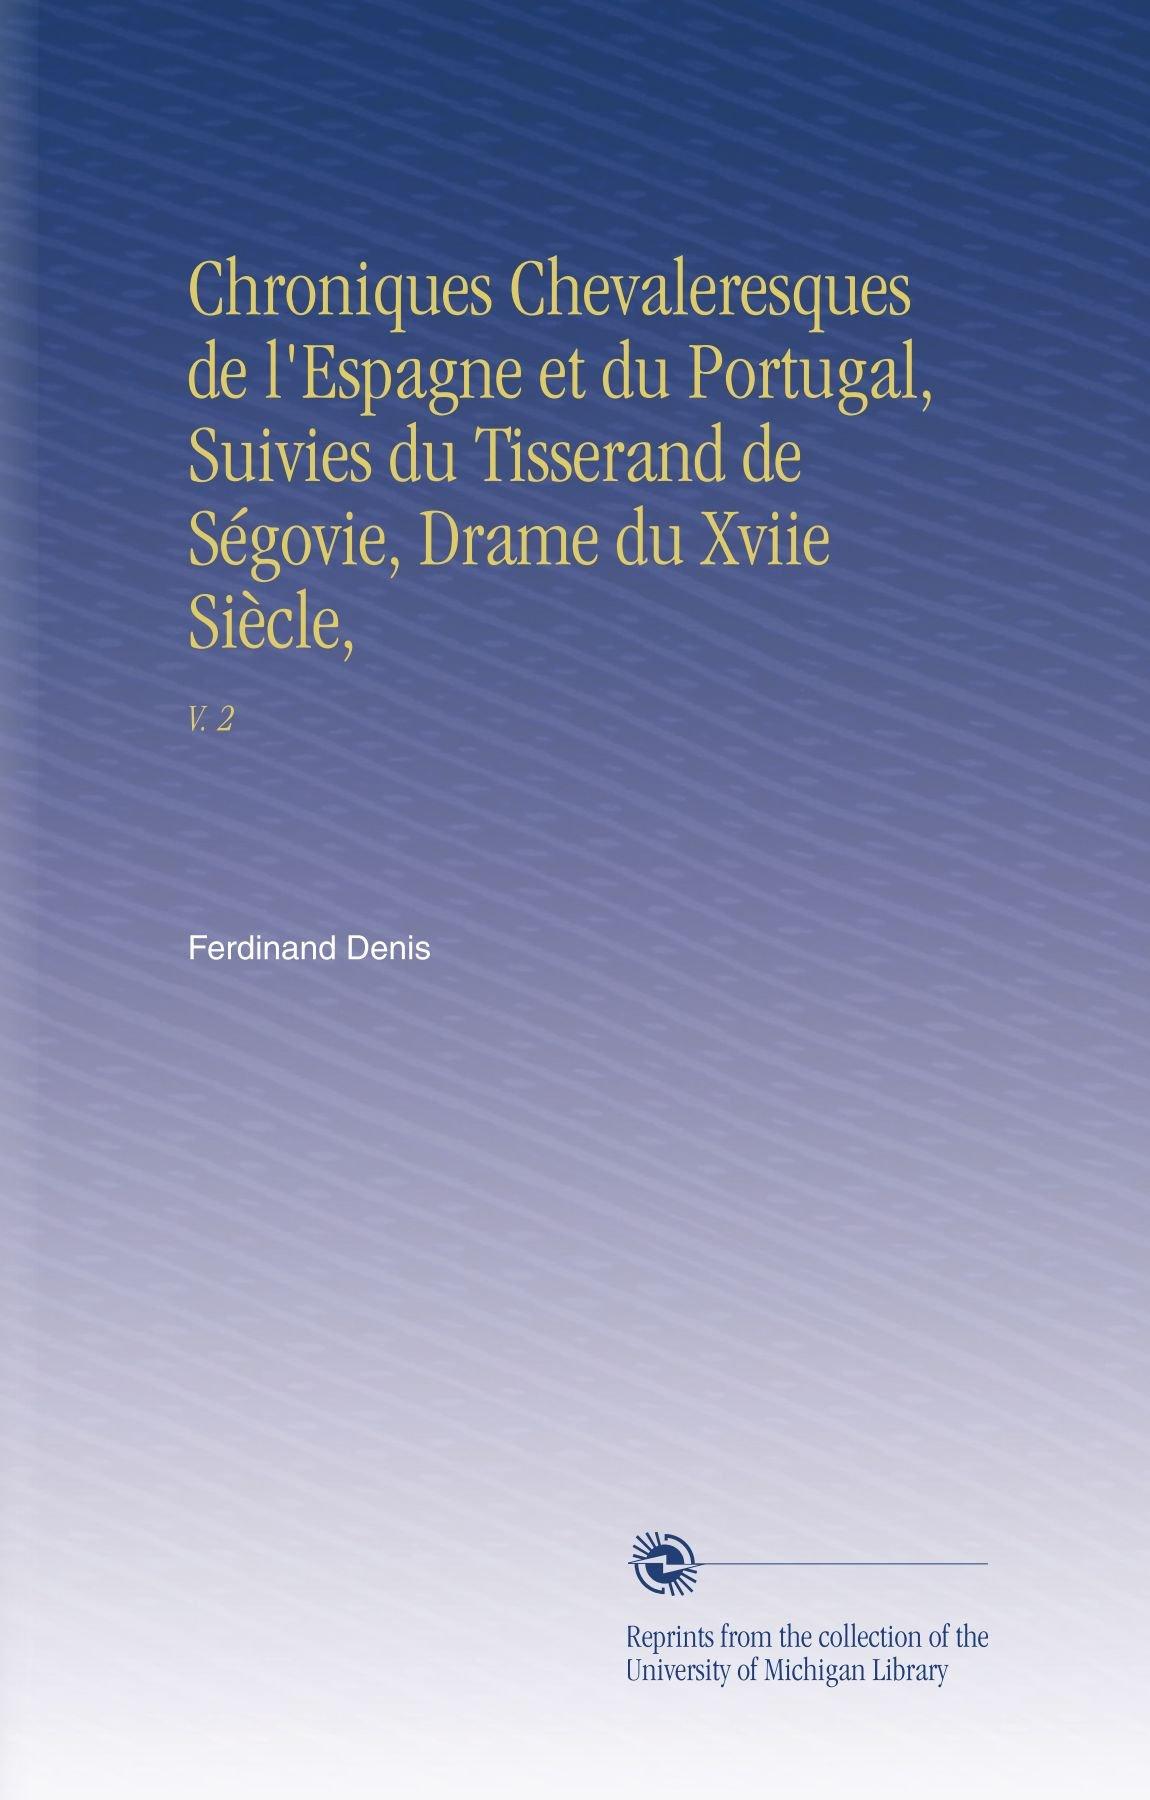 Download Chroniques Chevaleresques de l'Espagne et du Portugal, Suivies du Tisserand de Ségovie, Drame du Xviie Siècle,: V. 2 (French Edition) pdf epub